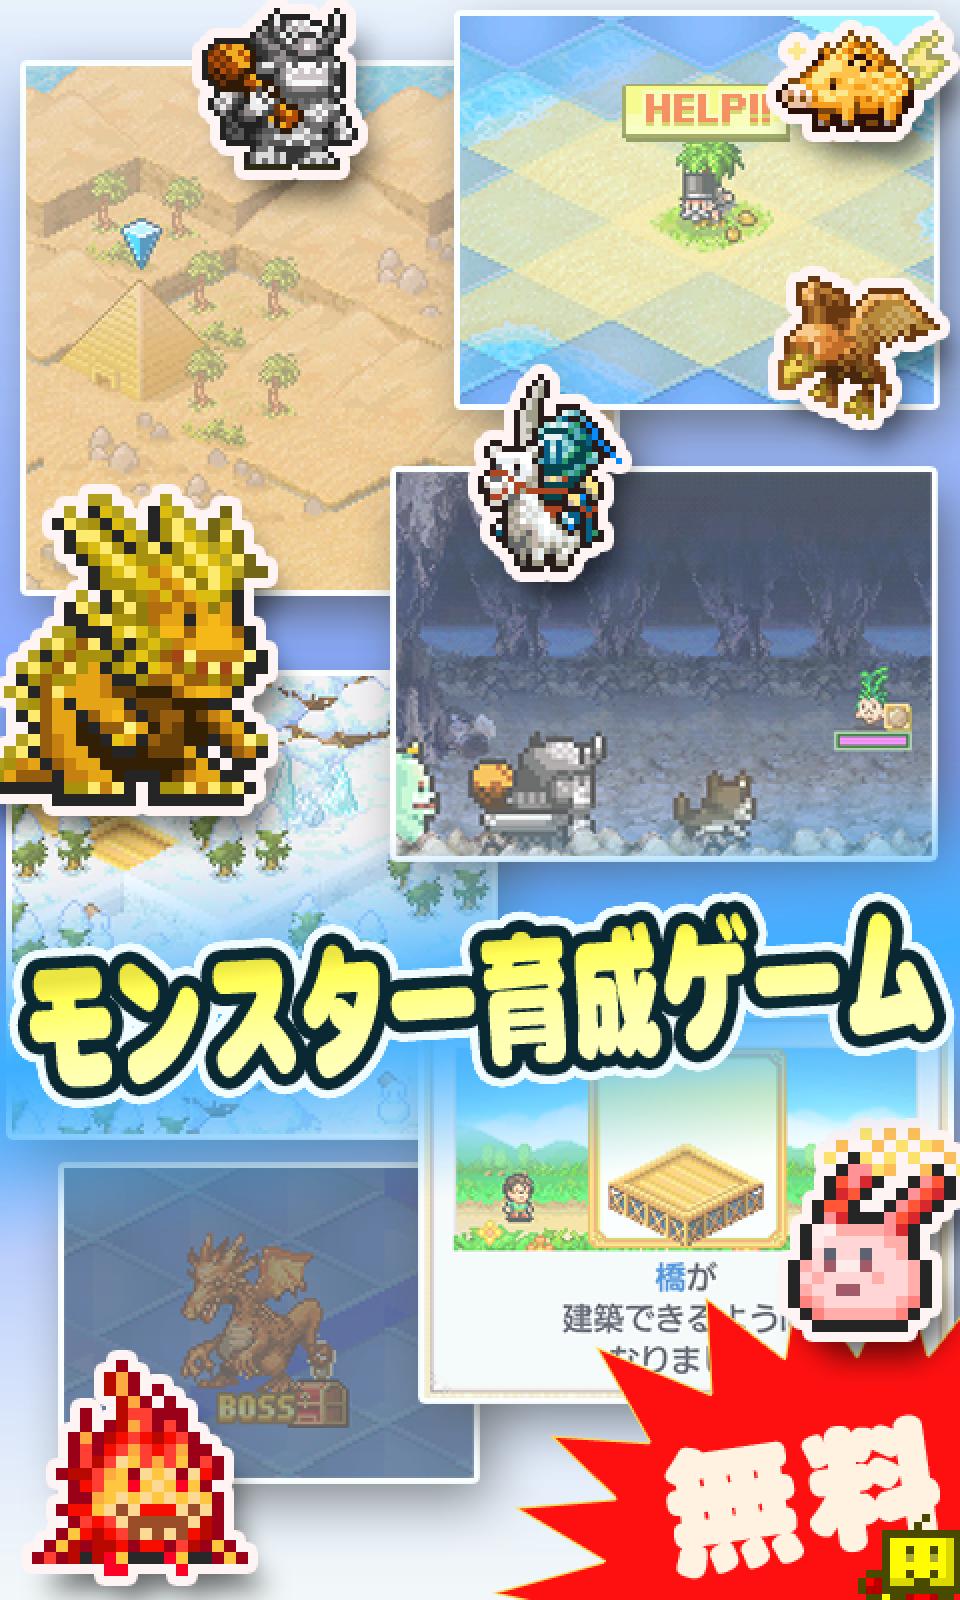 開拓サバイバル島 screenshot #9